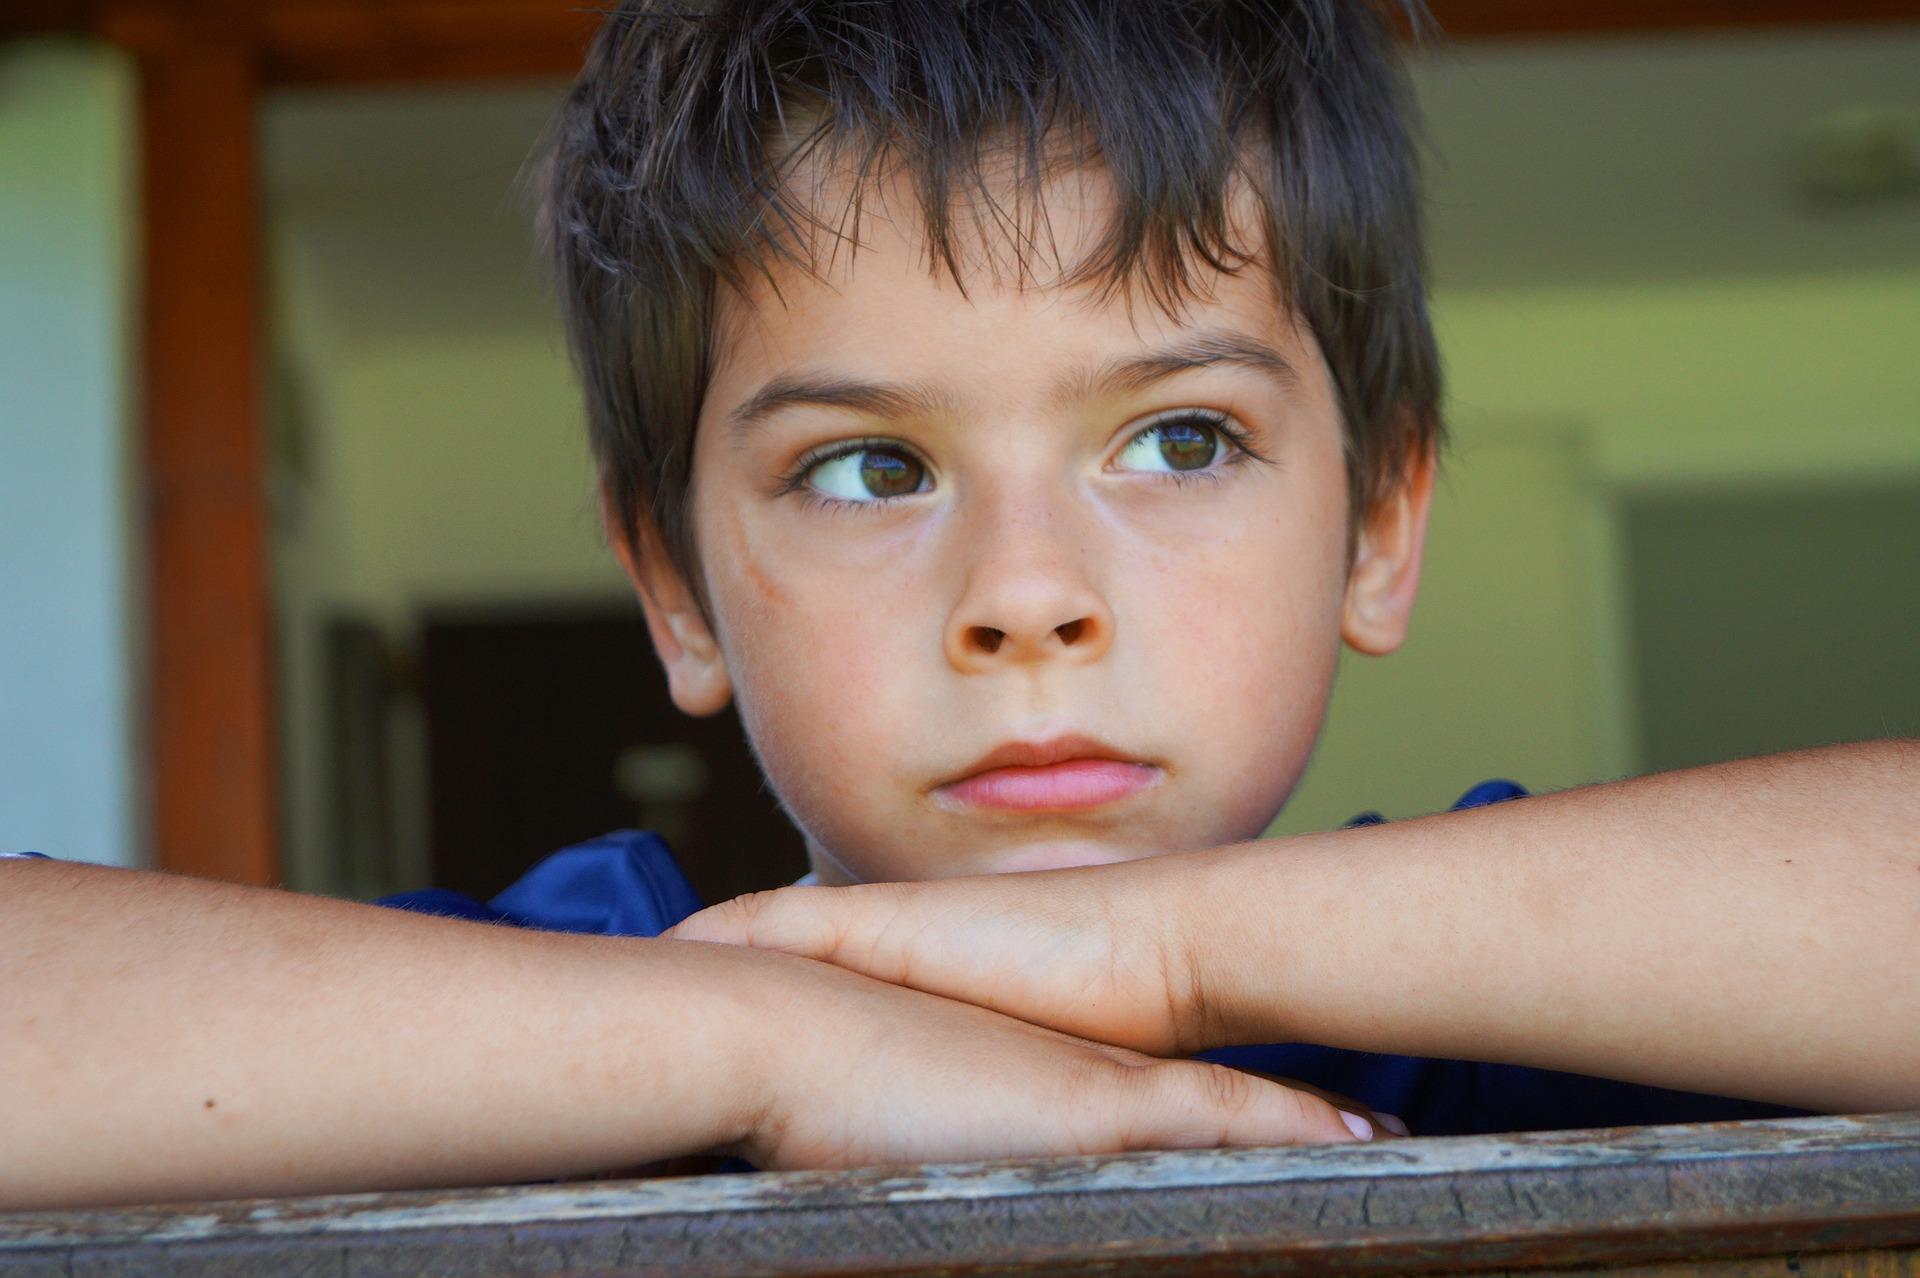 child-929935_1920